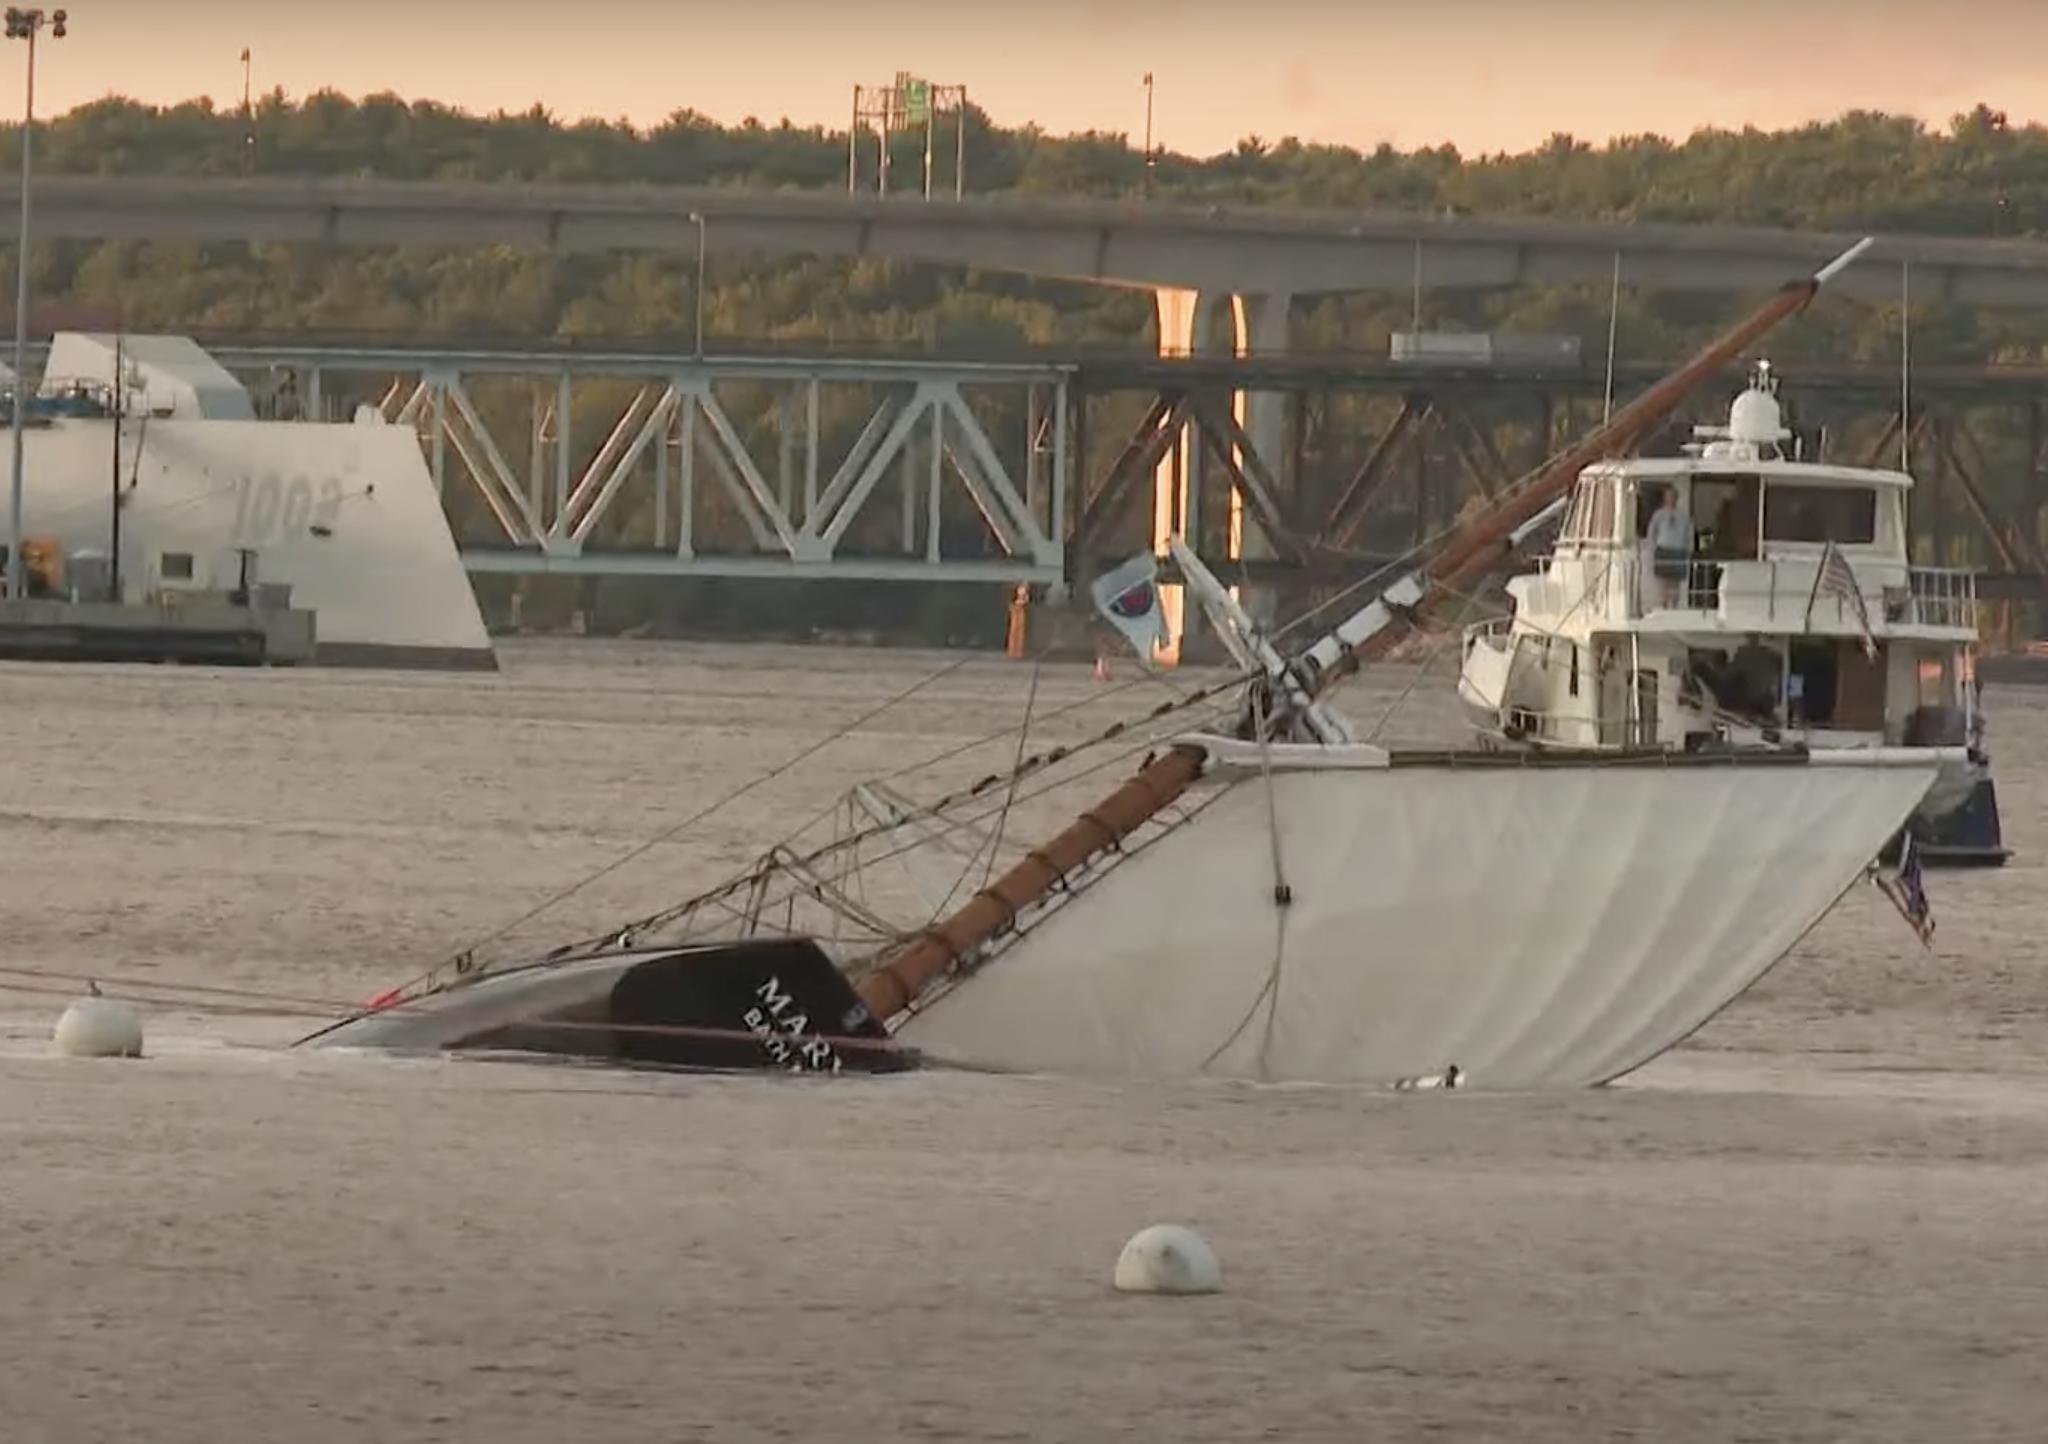 De Mary E kapseisde in de rivier bij het plaatsje Doubling Point. (Beeld uit video)